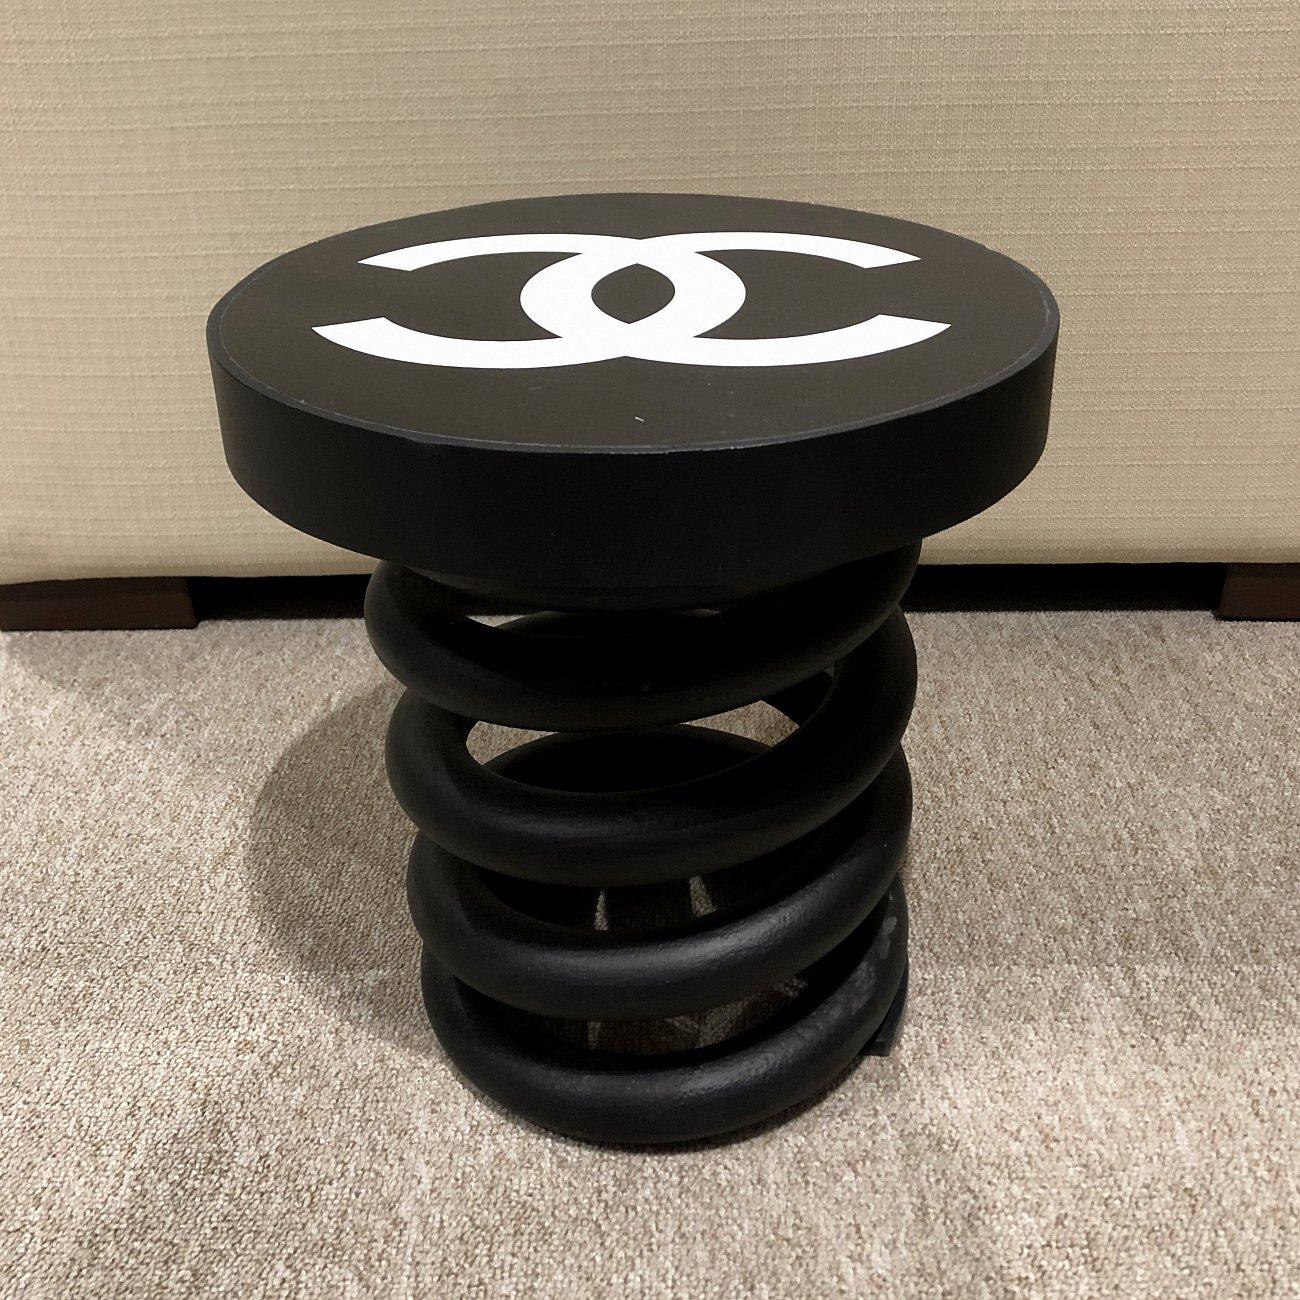 Купить Стул Пружина Chanel black малый в интернет магазине дизайнерской мебели и аксессуаров для дома и дачи